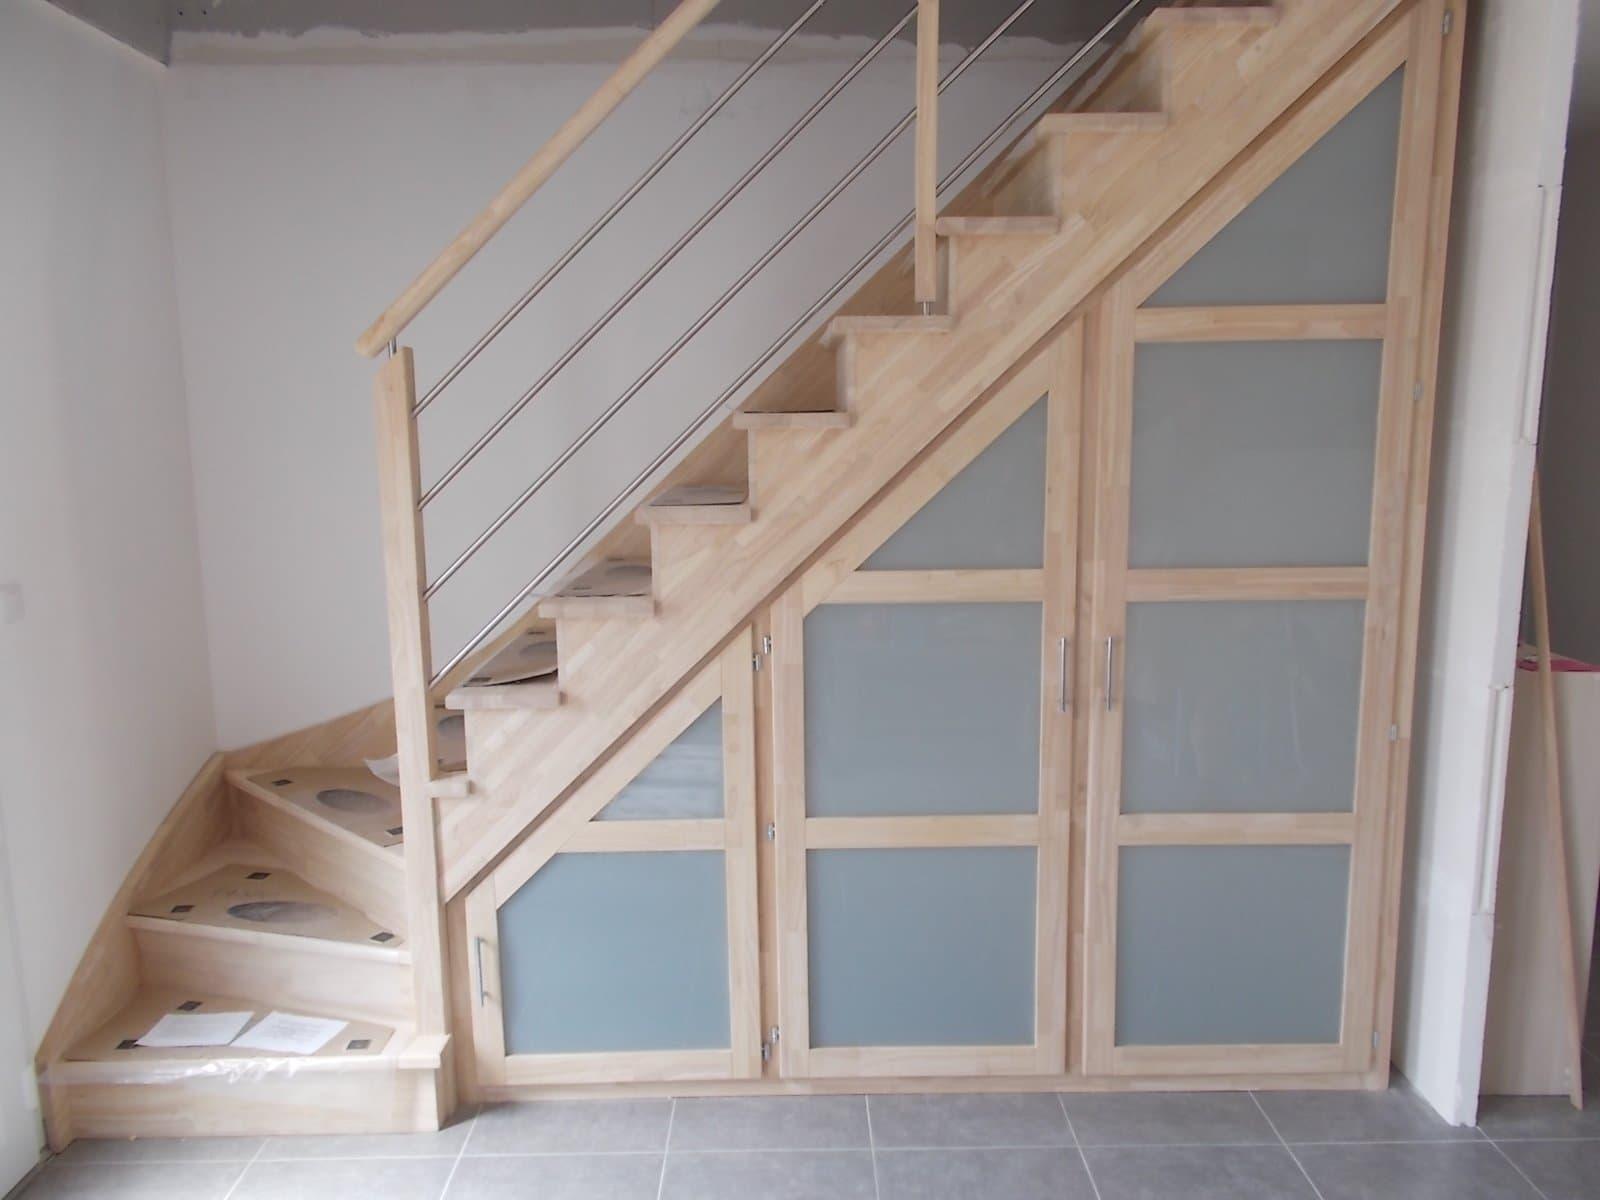 placards rangements sous escalier debret escalier. Black Bedroom Furniture Sets. Home Design Ideas